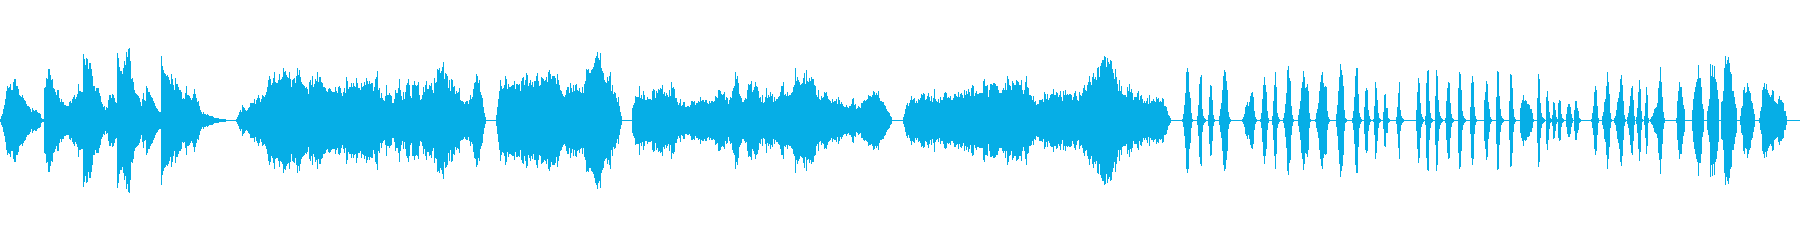 ジェット合成の再生済みの波形